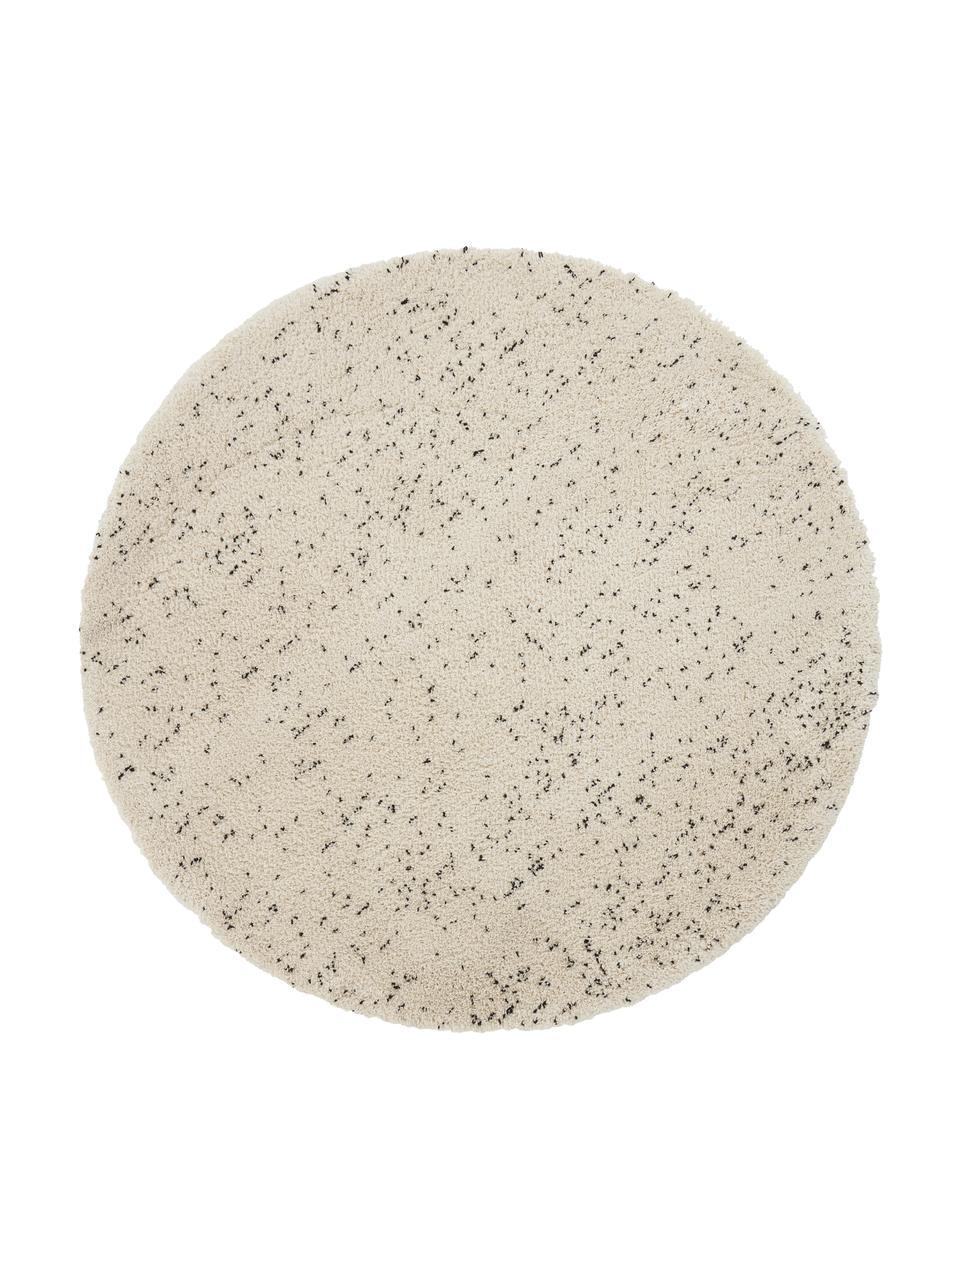 Kulatý koberec s vysokým vlasem Ludde, Tlumeně bílá, černá